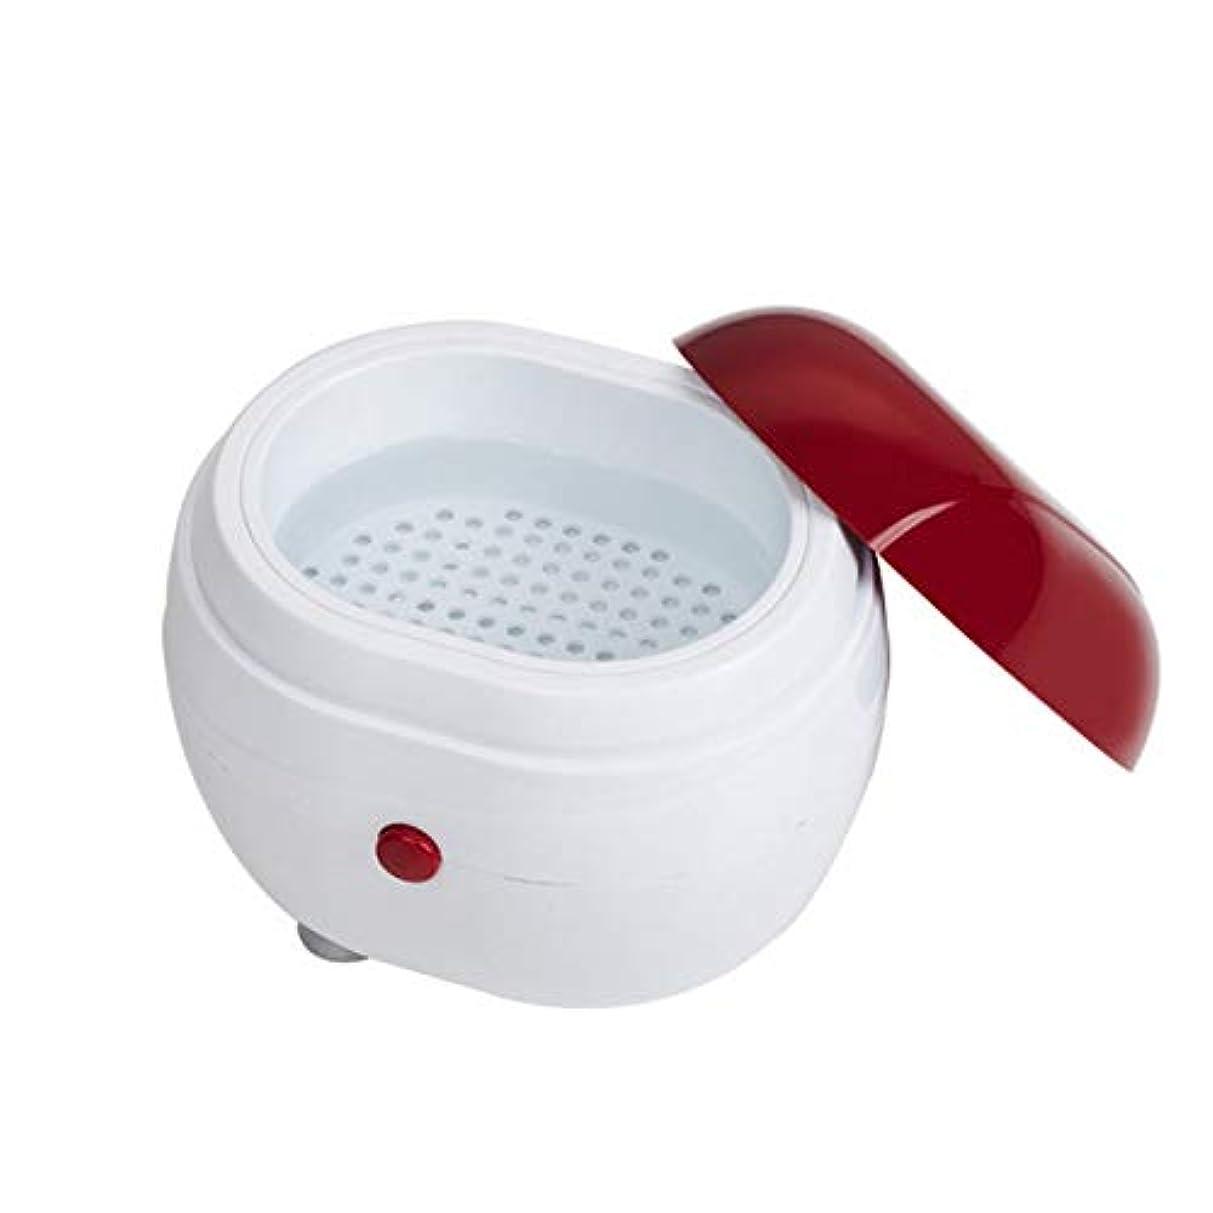 ステージ上院明示的にポータブル超音波洗濯機家庭用ジュエリーレンズ時計入れ歯クリーニング機洗濯機クリーナークリーニングボックス - 赤&白